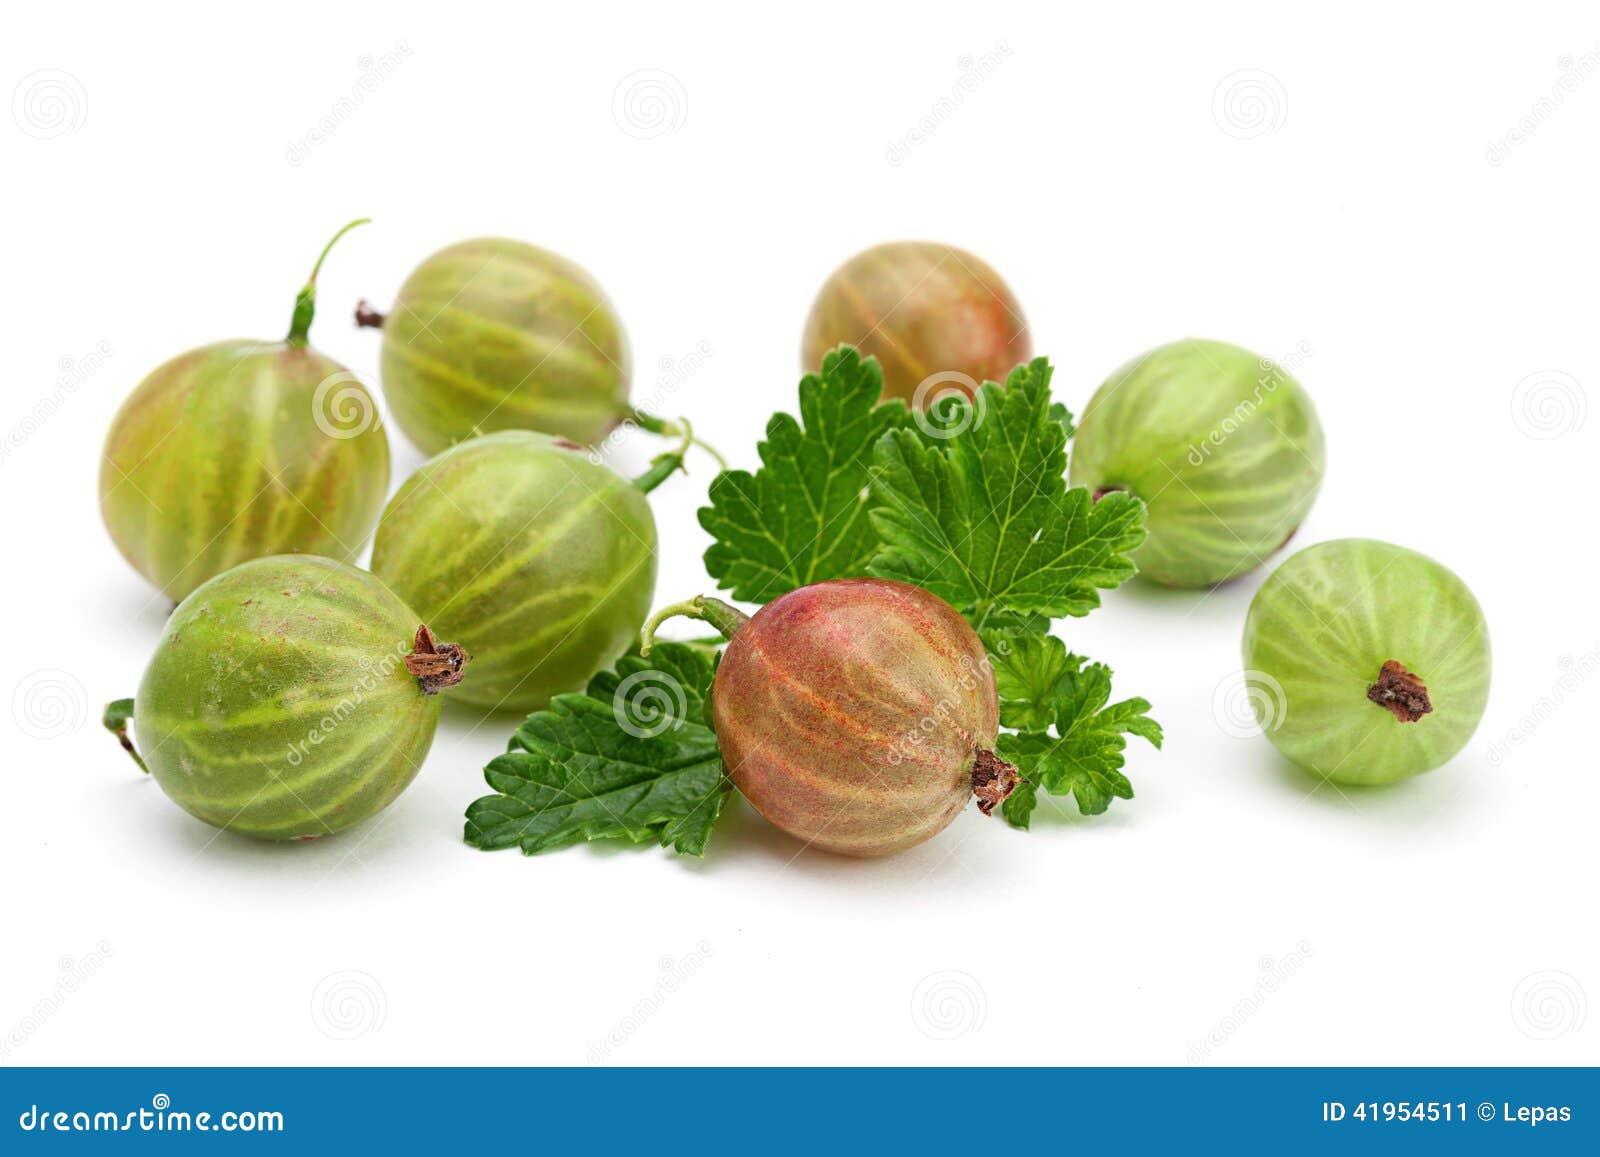 Zielony agrest z liściem